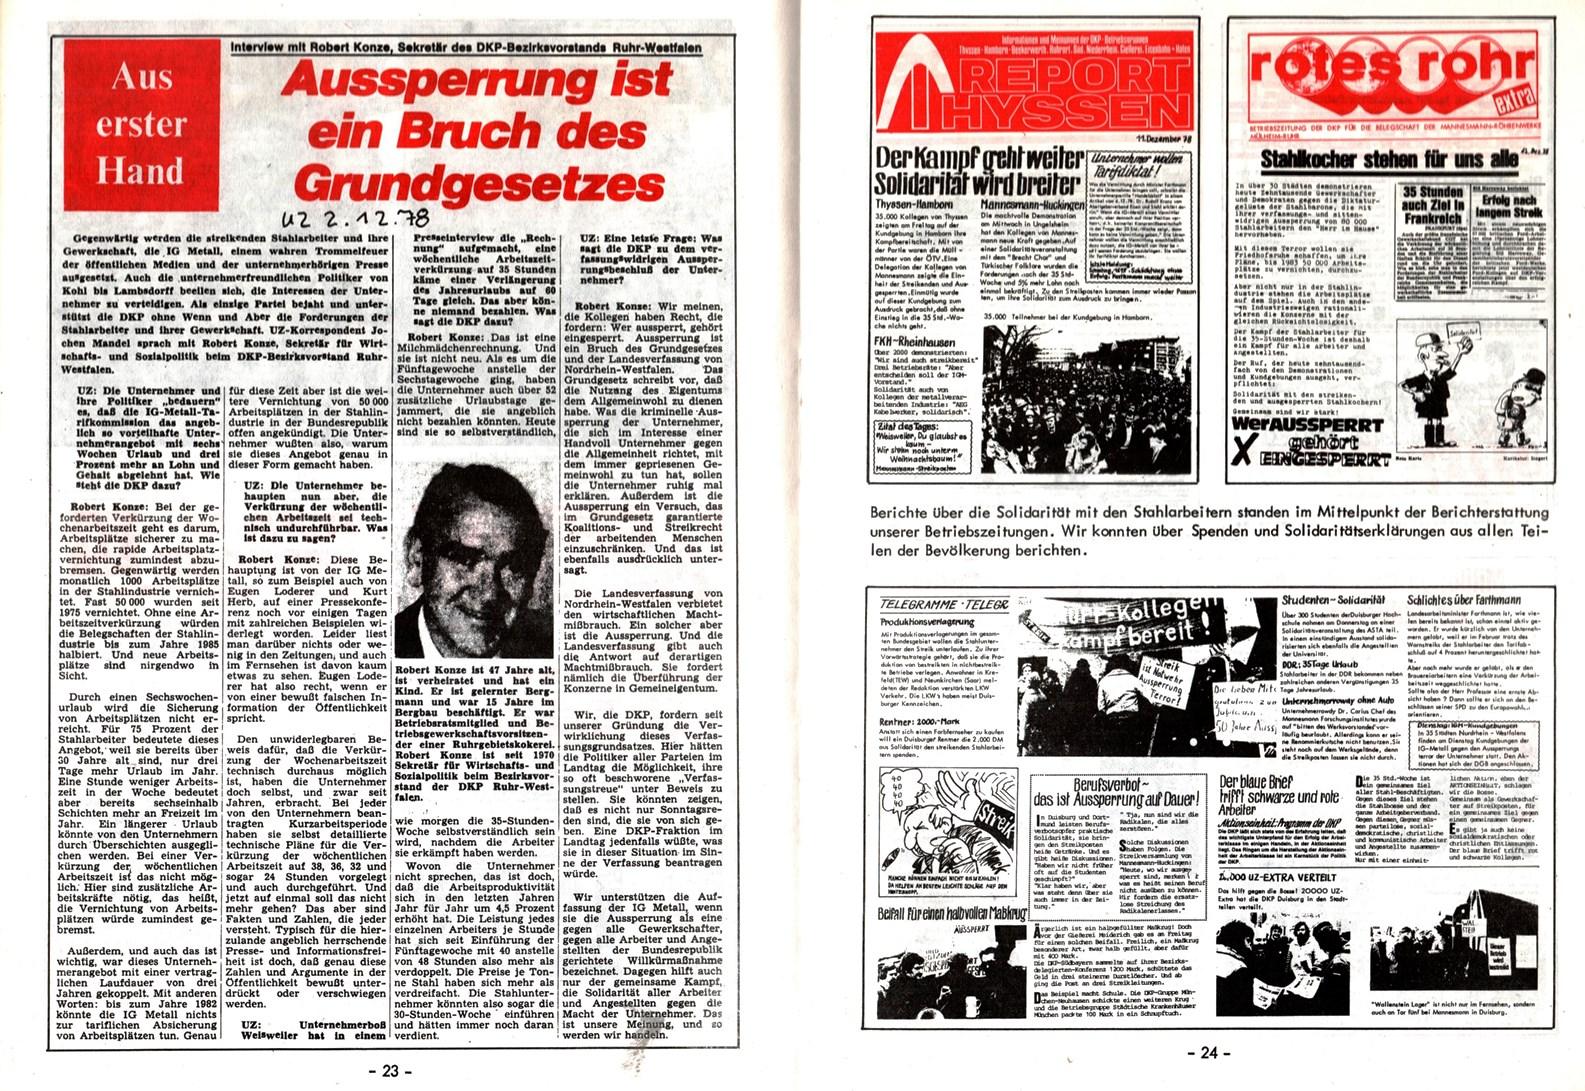 NRW_DKP_Stahlarbeiterstreik_1978_1979_013